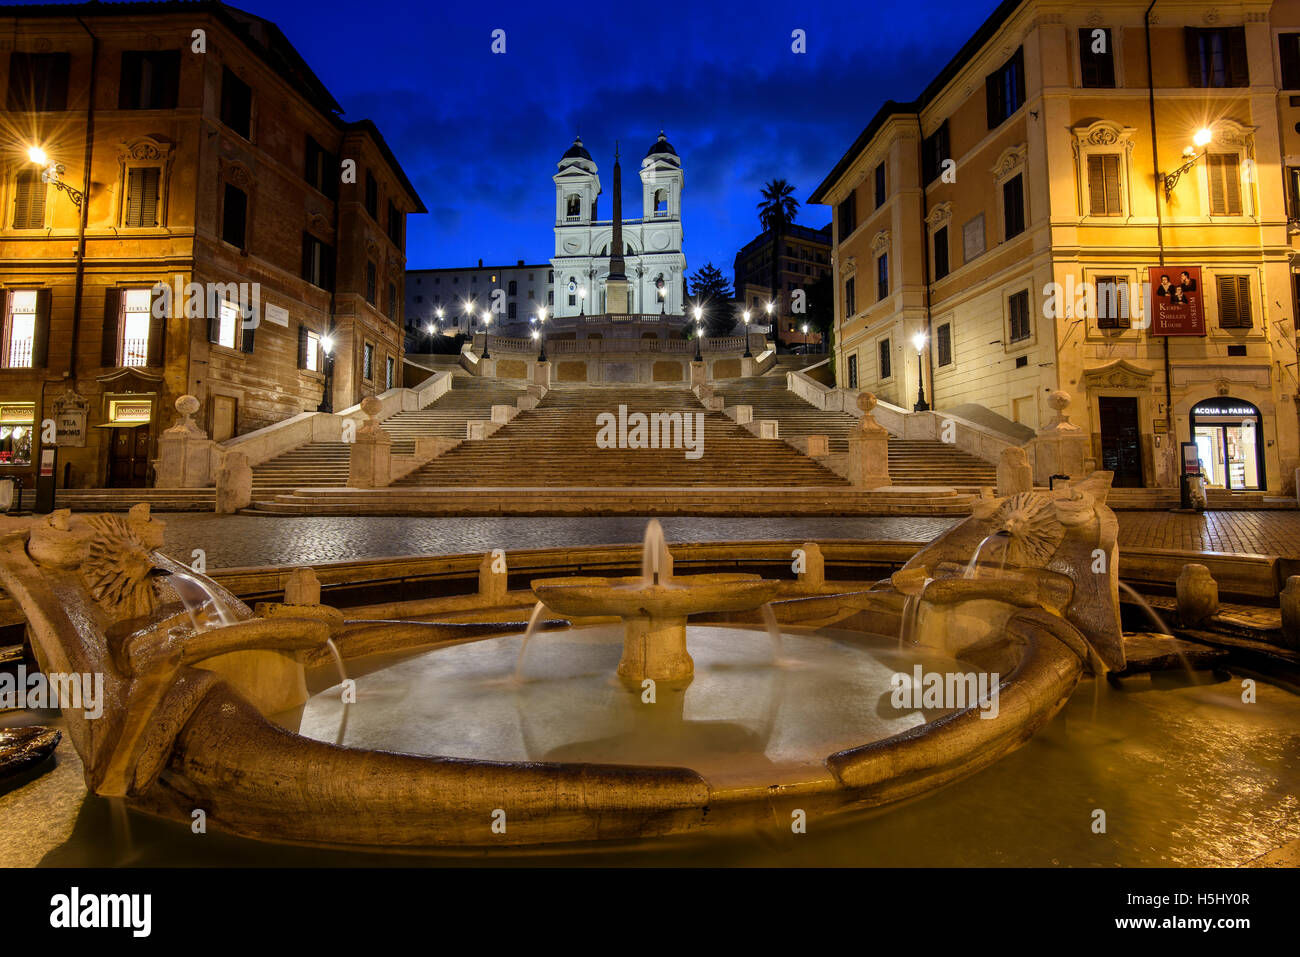 Vista notturna della Fontana della Barcaccia e Scalinata di piazza di Spagna, Piazza di Spagna, Roma, lazio, Italy Immagini Stock